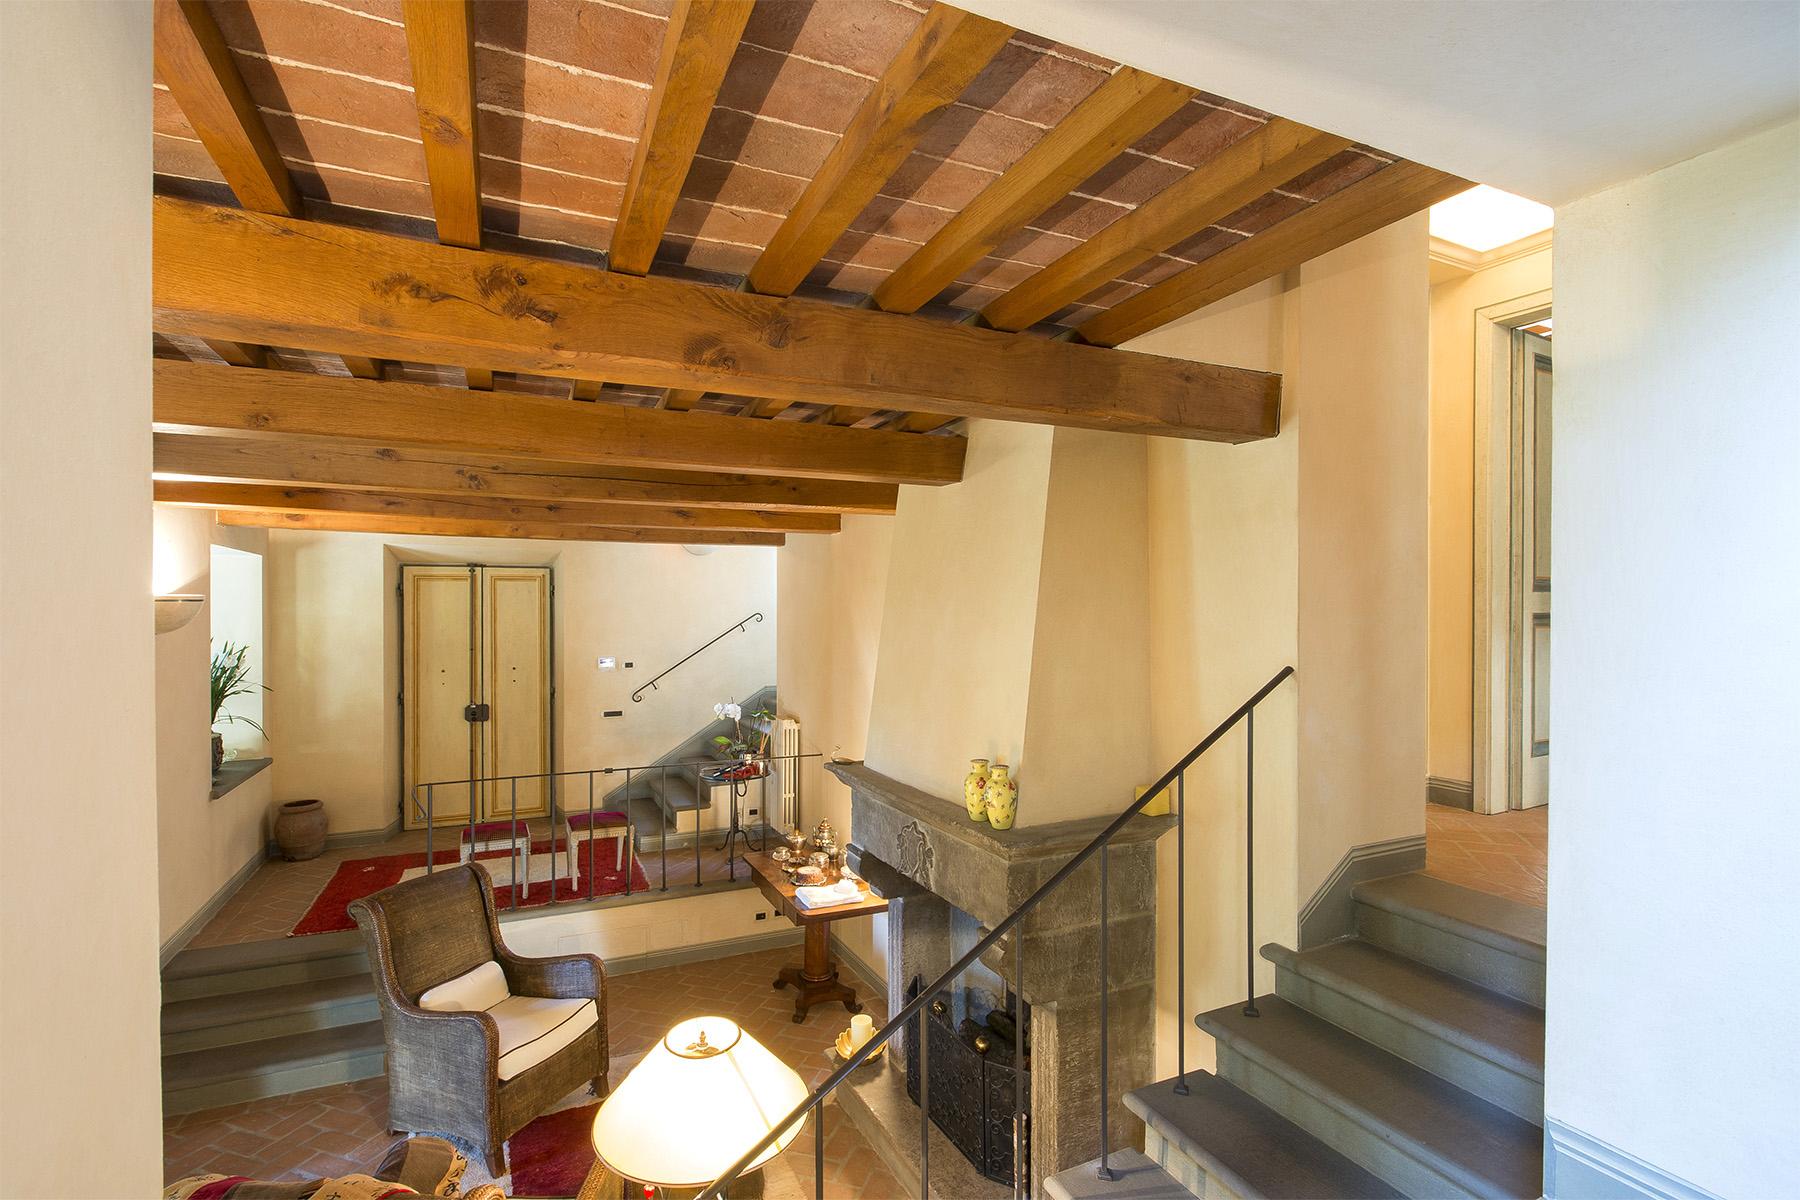 Rustico in Vendita a Vinci: 5 locali, 414 mq - Foto 5